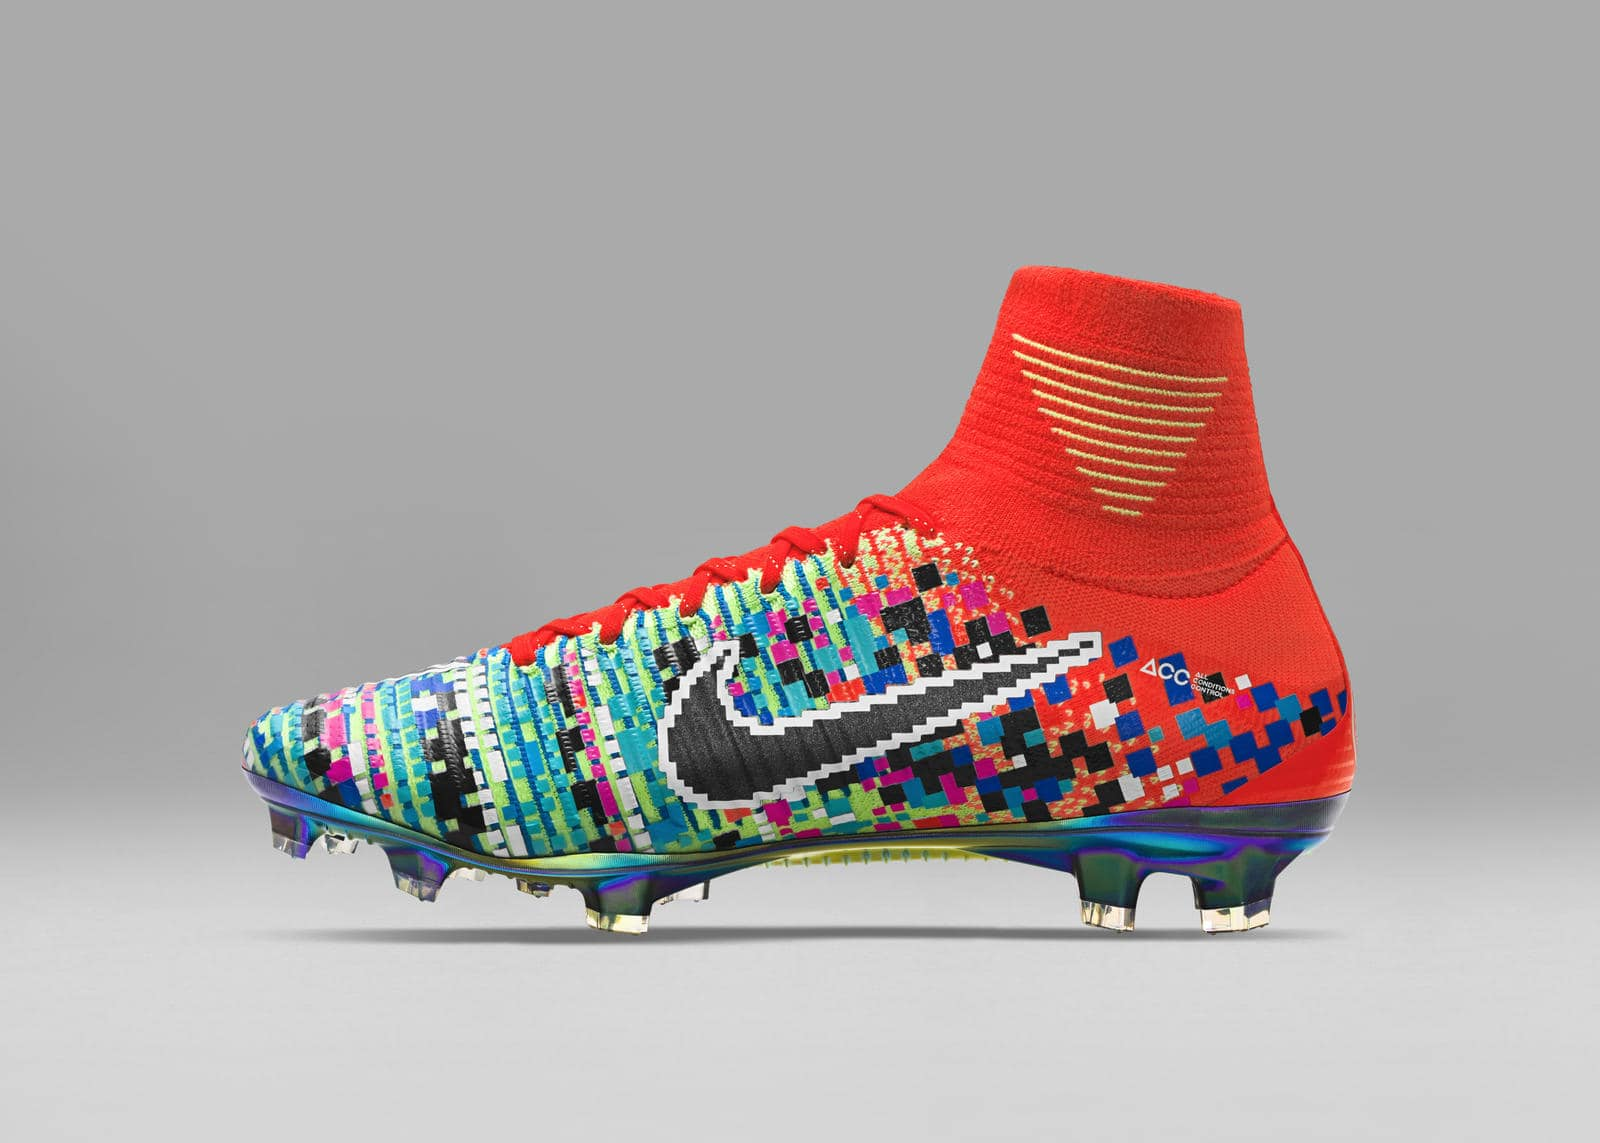 Nike Mercurial X SportsFußballschuh FIFA für EA Fans EIHD29WY